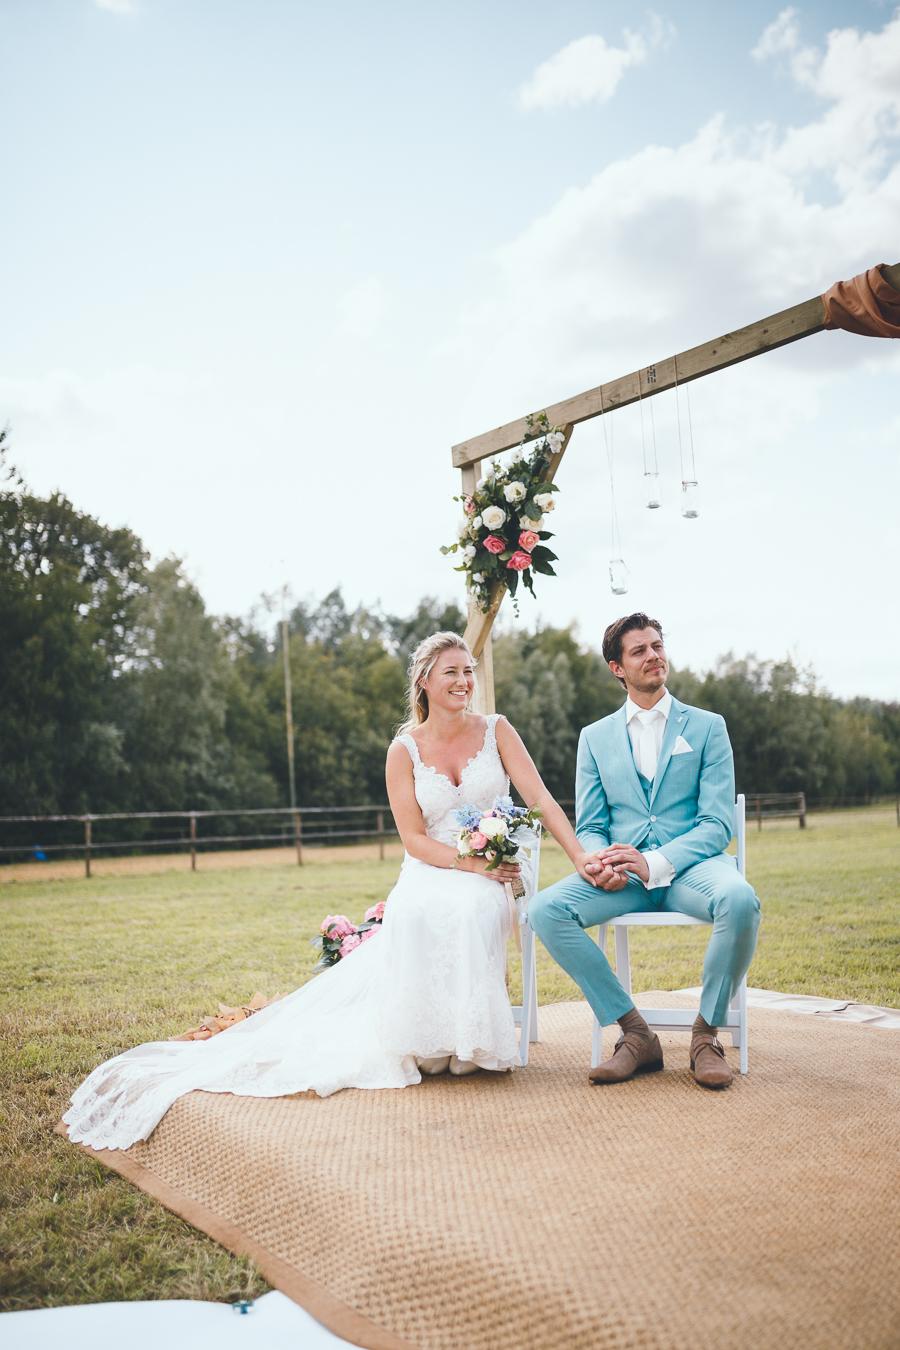 Bruid en bruidegom tijdens ceremonie onder altaar houden elkaar handen stevig vast en lachen naar trouwambtenaar tijdens bruiloft thuis op erf van oude boerderij trouwfotograaf Apeldoorn